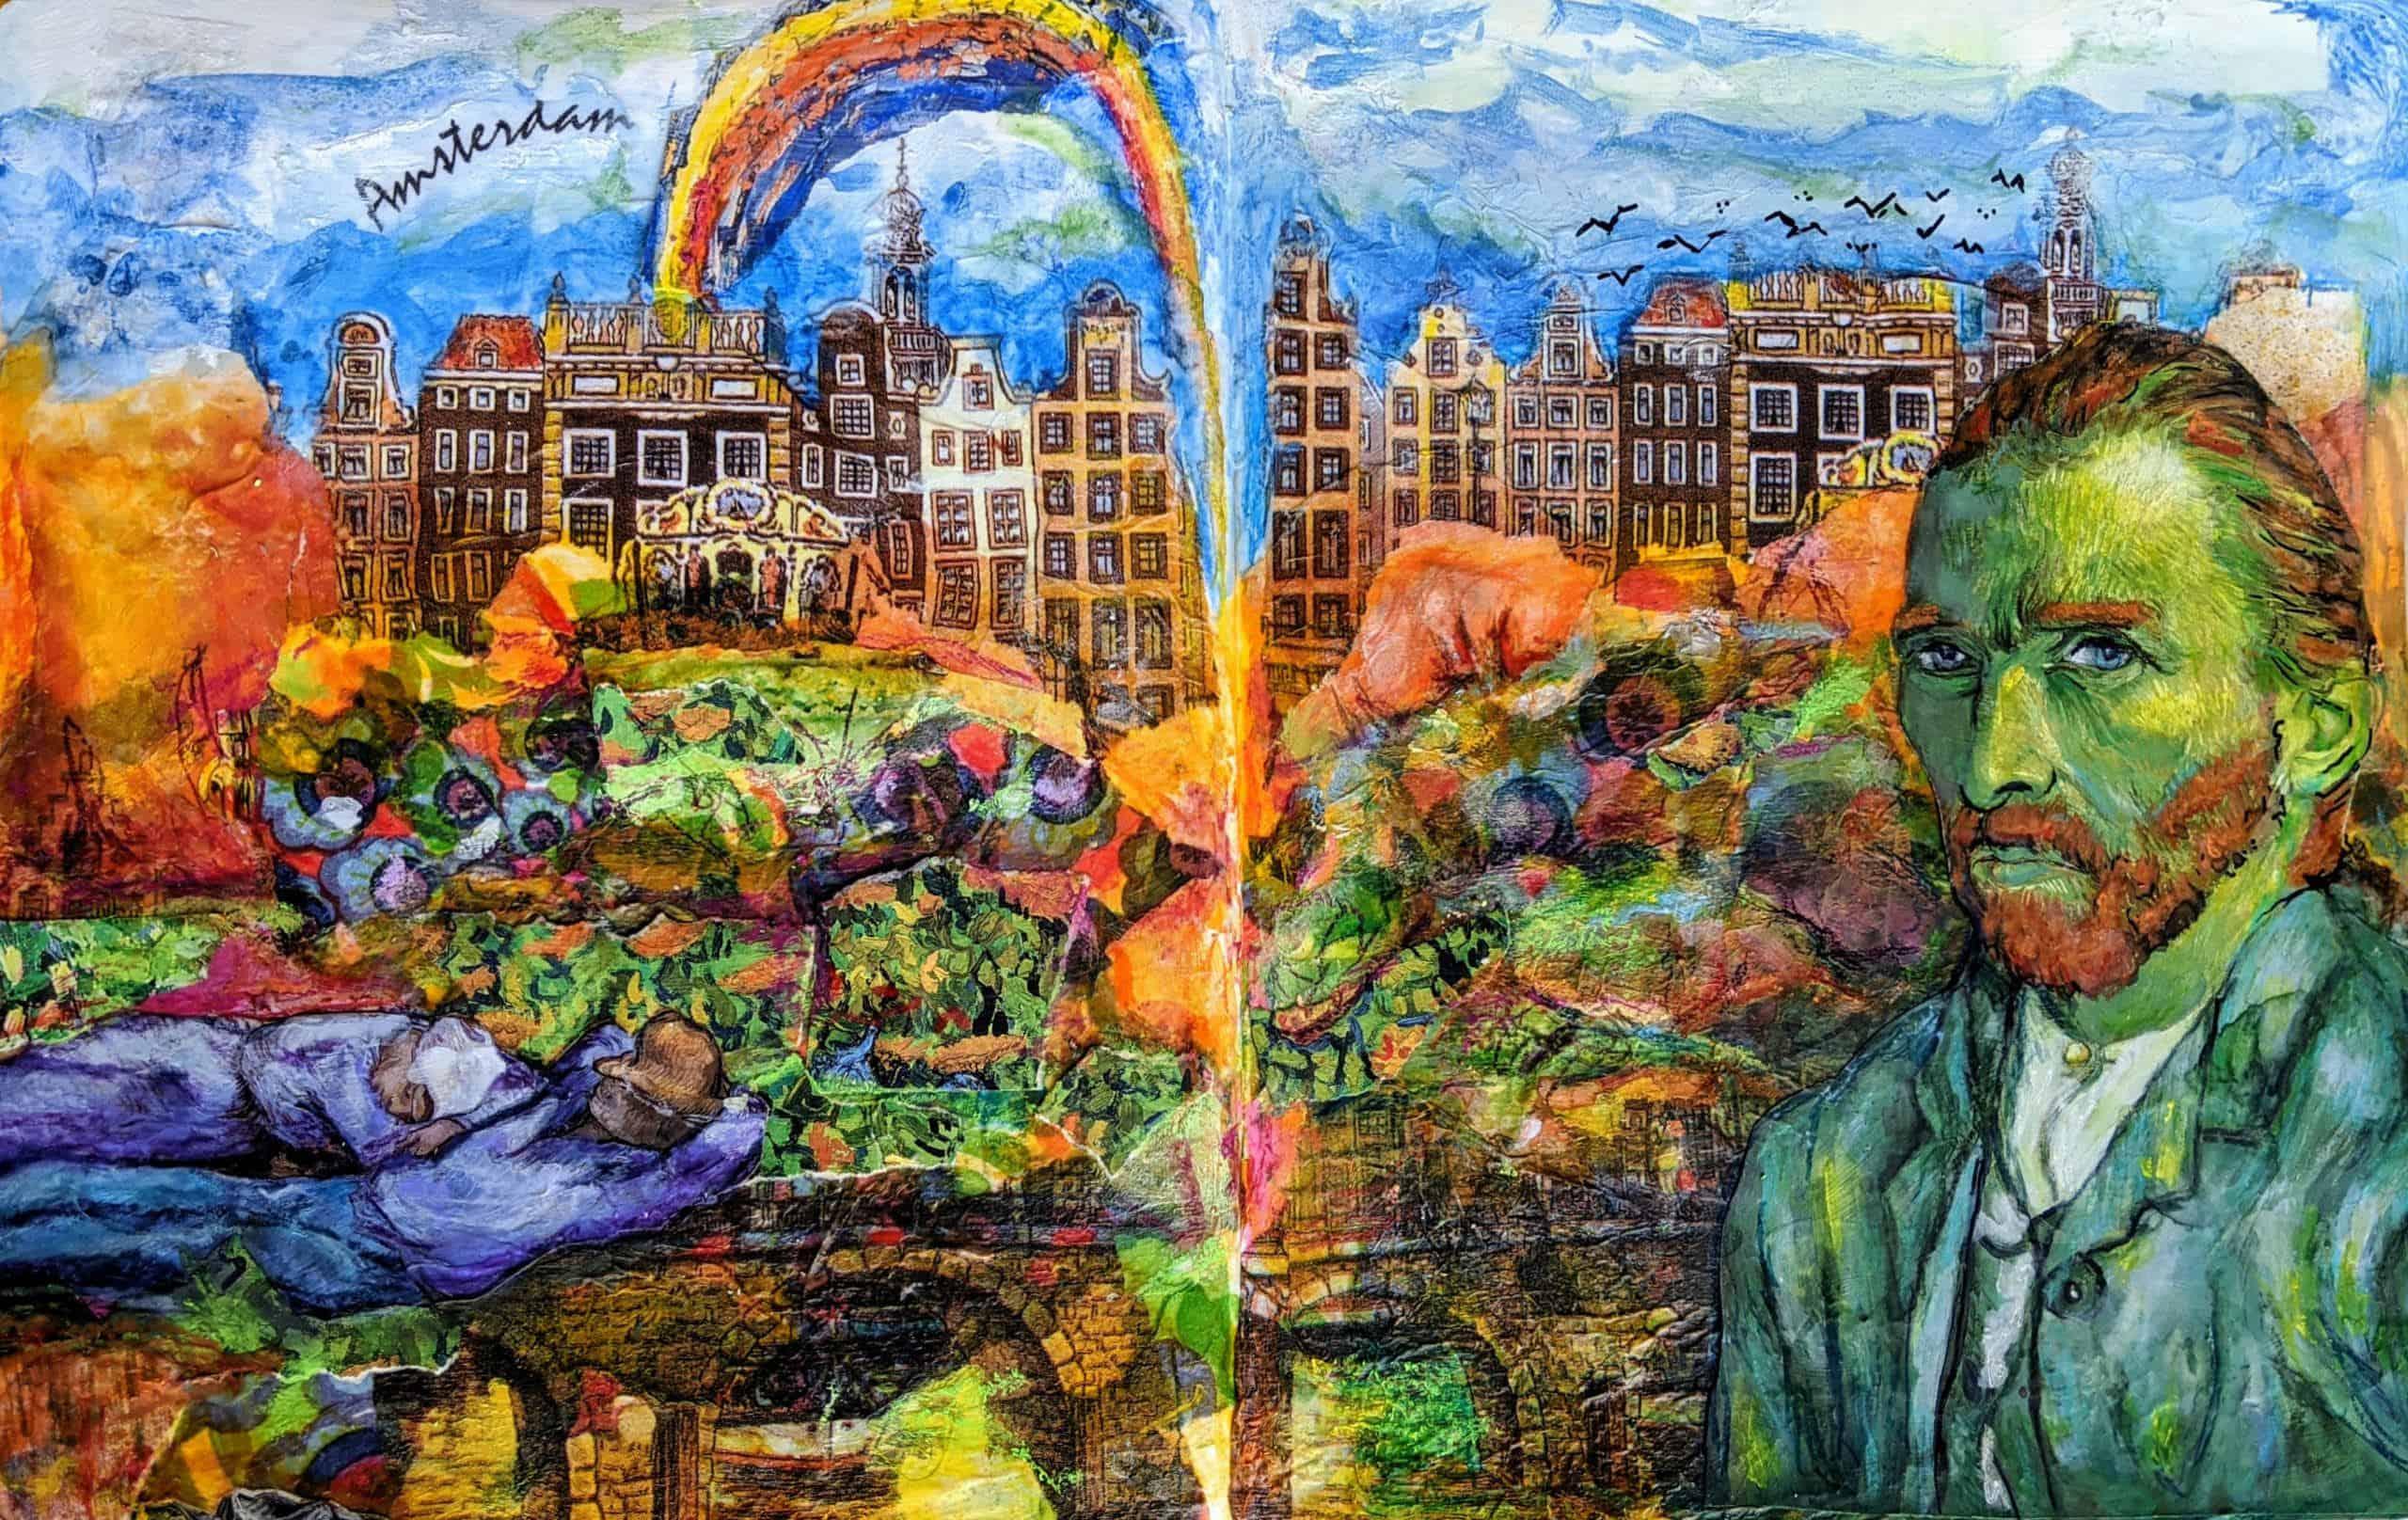 John Bloner artwork